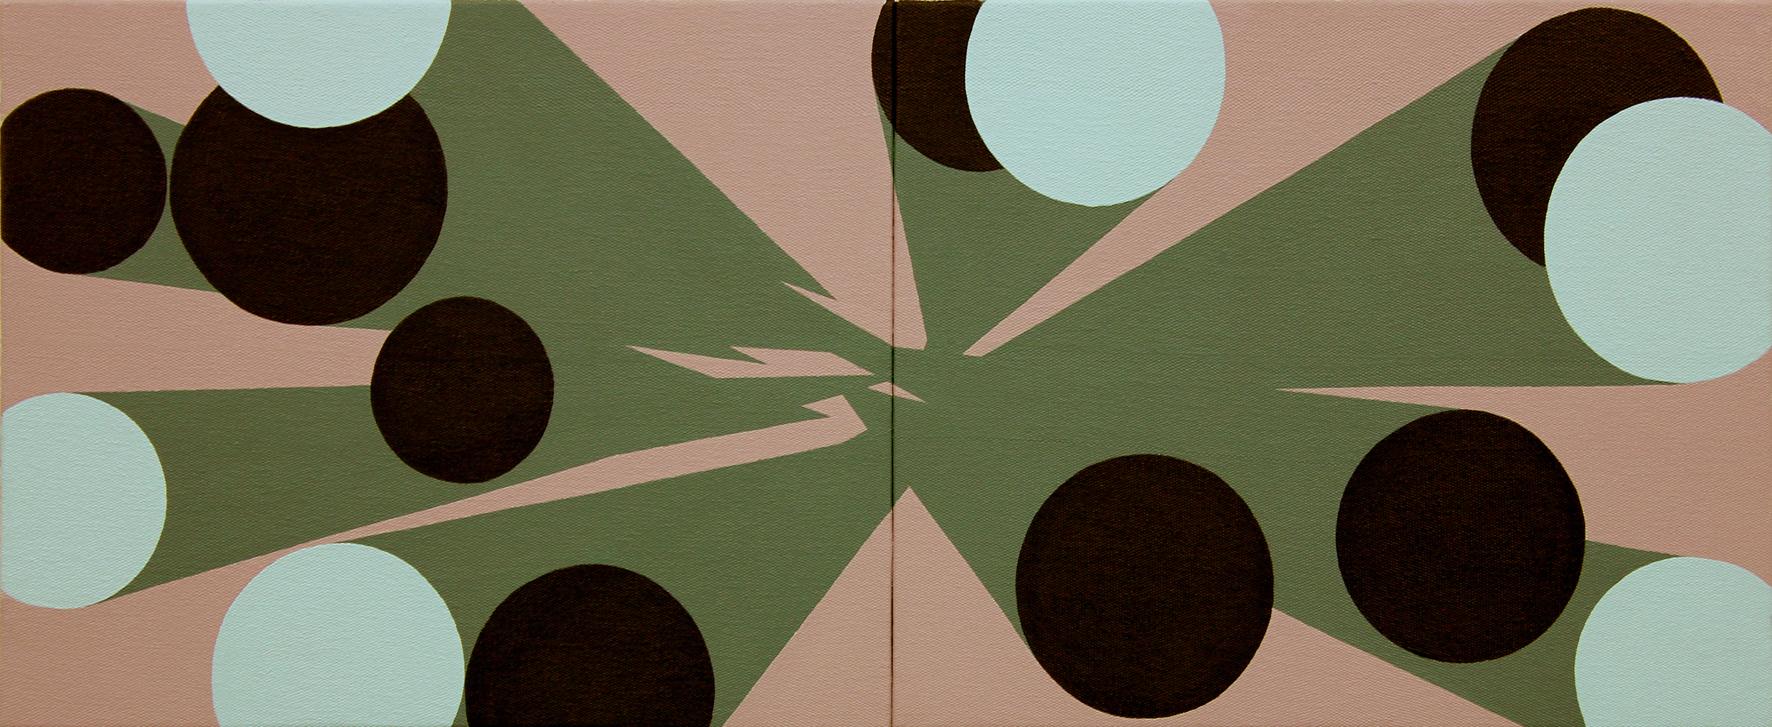 Memorias imaginadas, (díptico), 2014, acrílico sobre lienzo, 33 x 82 cm.